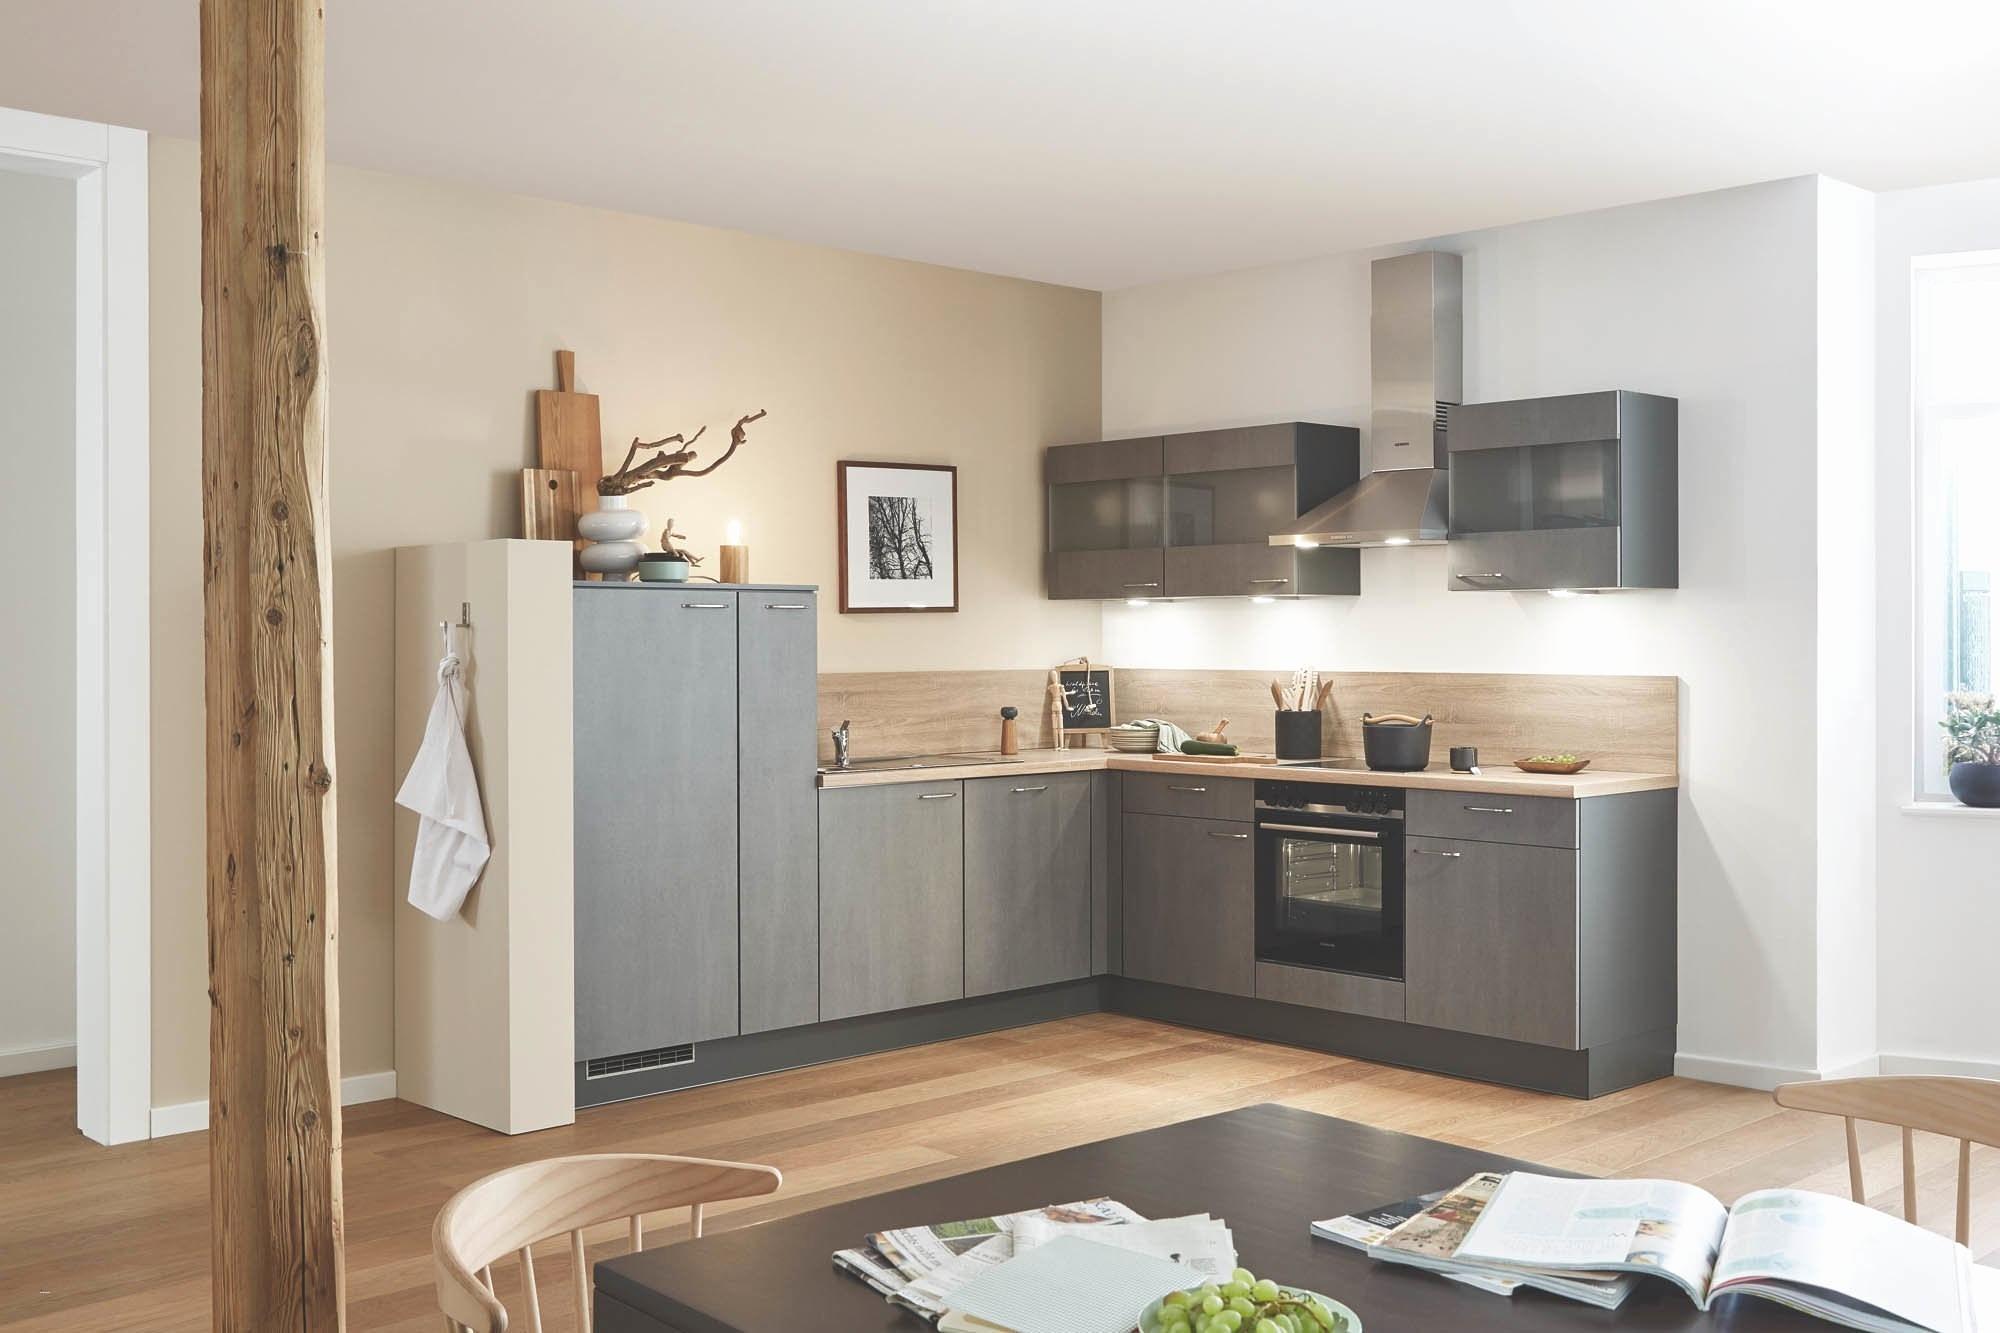 Full Size of Küche Rustikal Modern Einzigartig Wanddeko Für Küche Schön Herrlich Interessant Küche Rustikal Modern Küche Wanddeko Küche